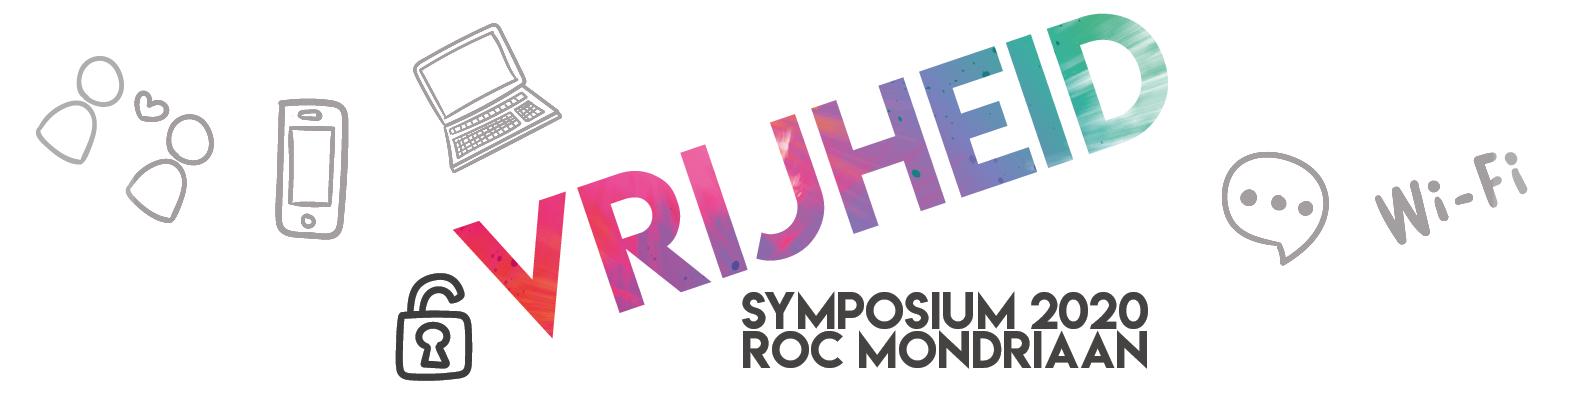 Symposium maart 2020 (TEST)